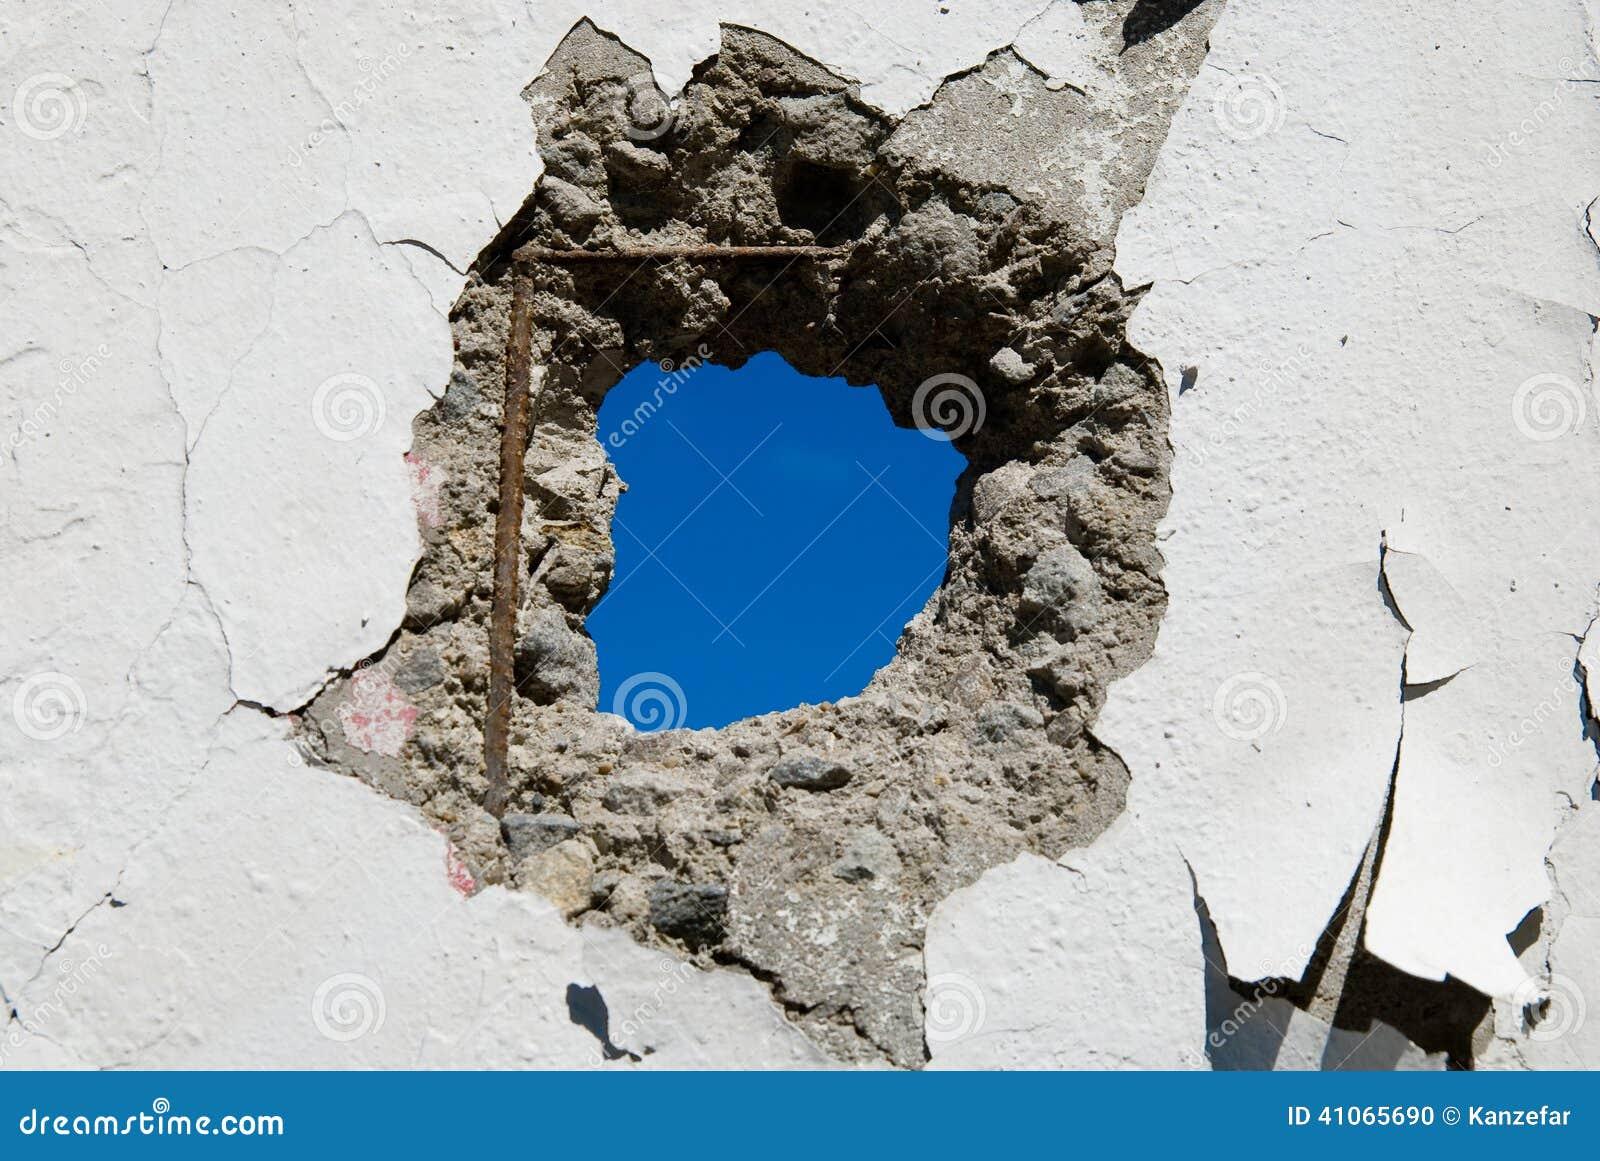 Combler un trou dans un mur voila des photos de ce que - Comment boucher un trou dans un mur ...